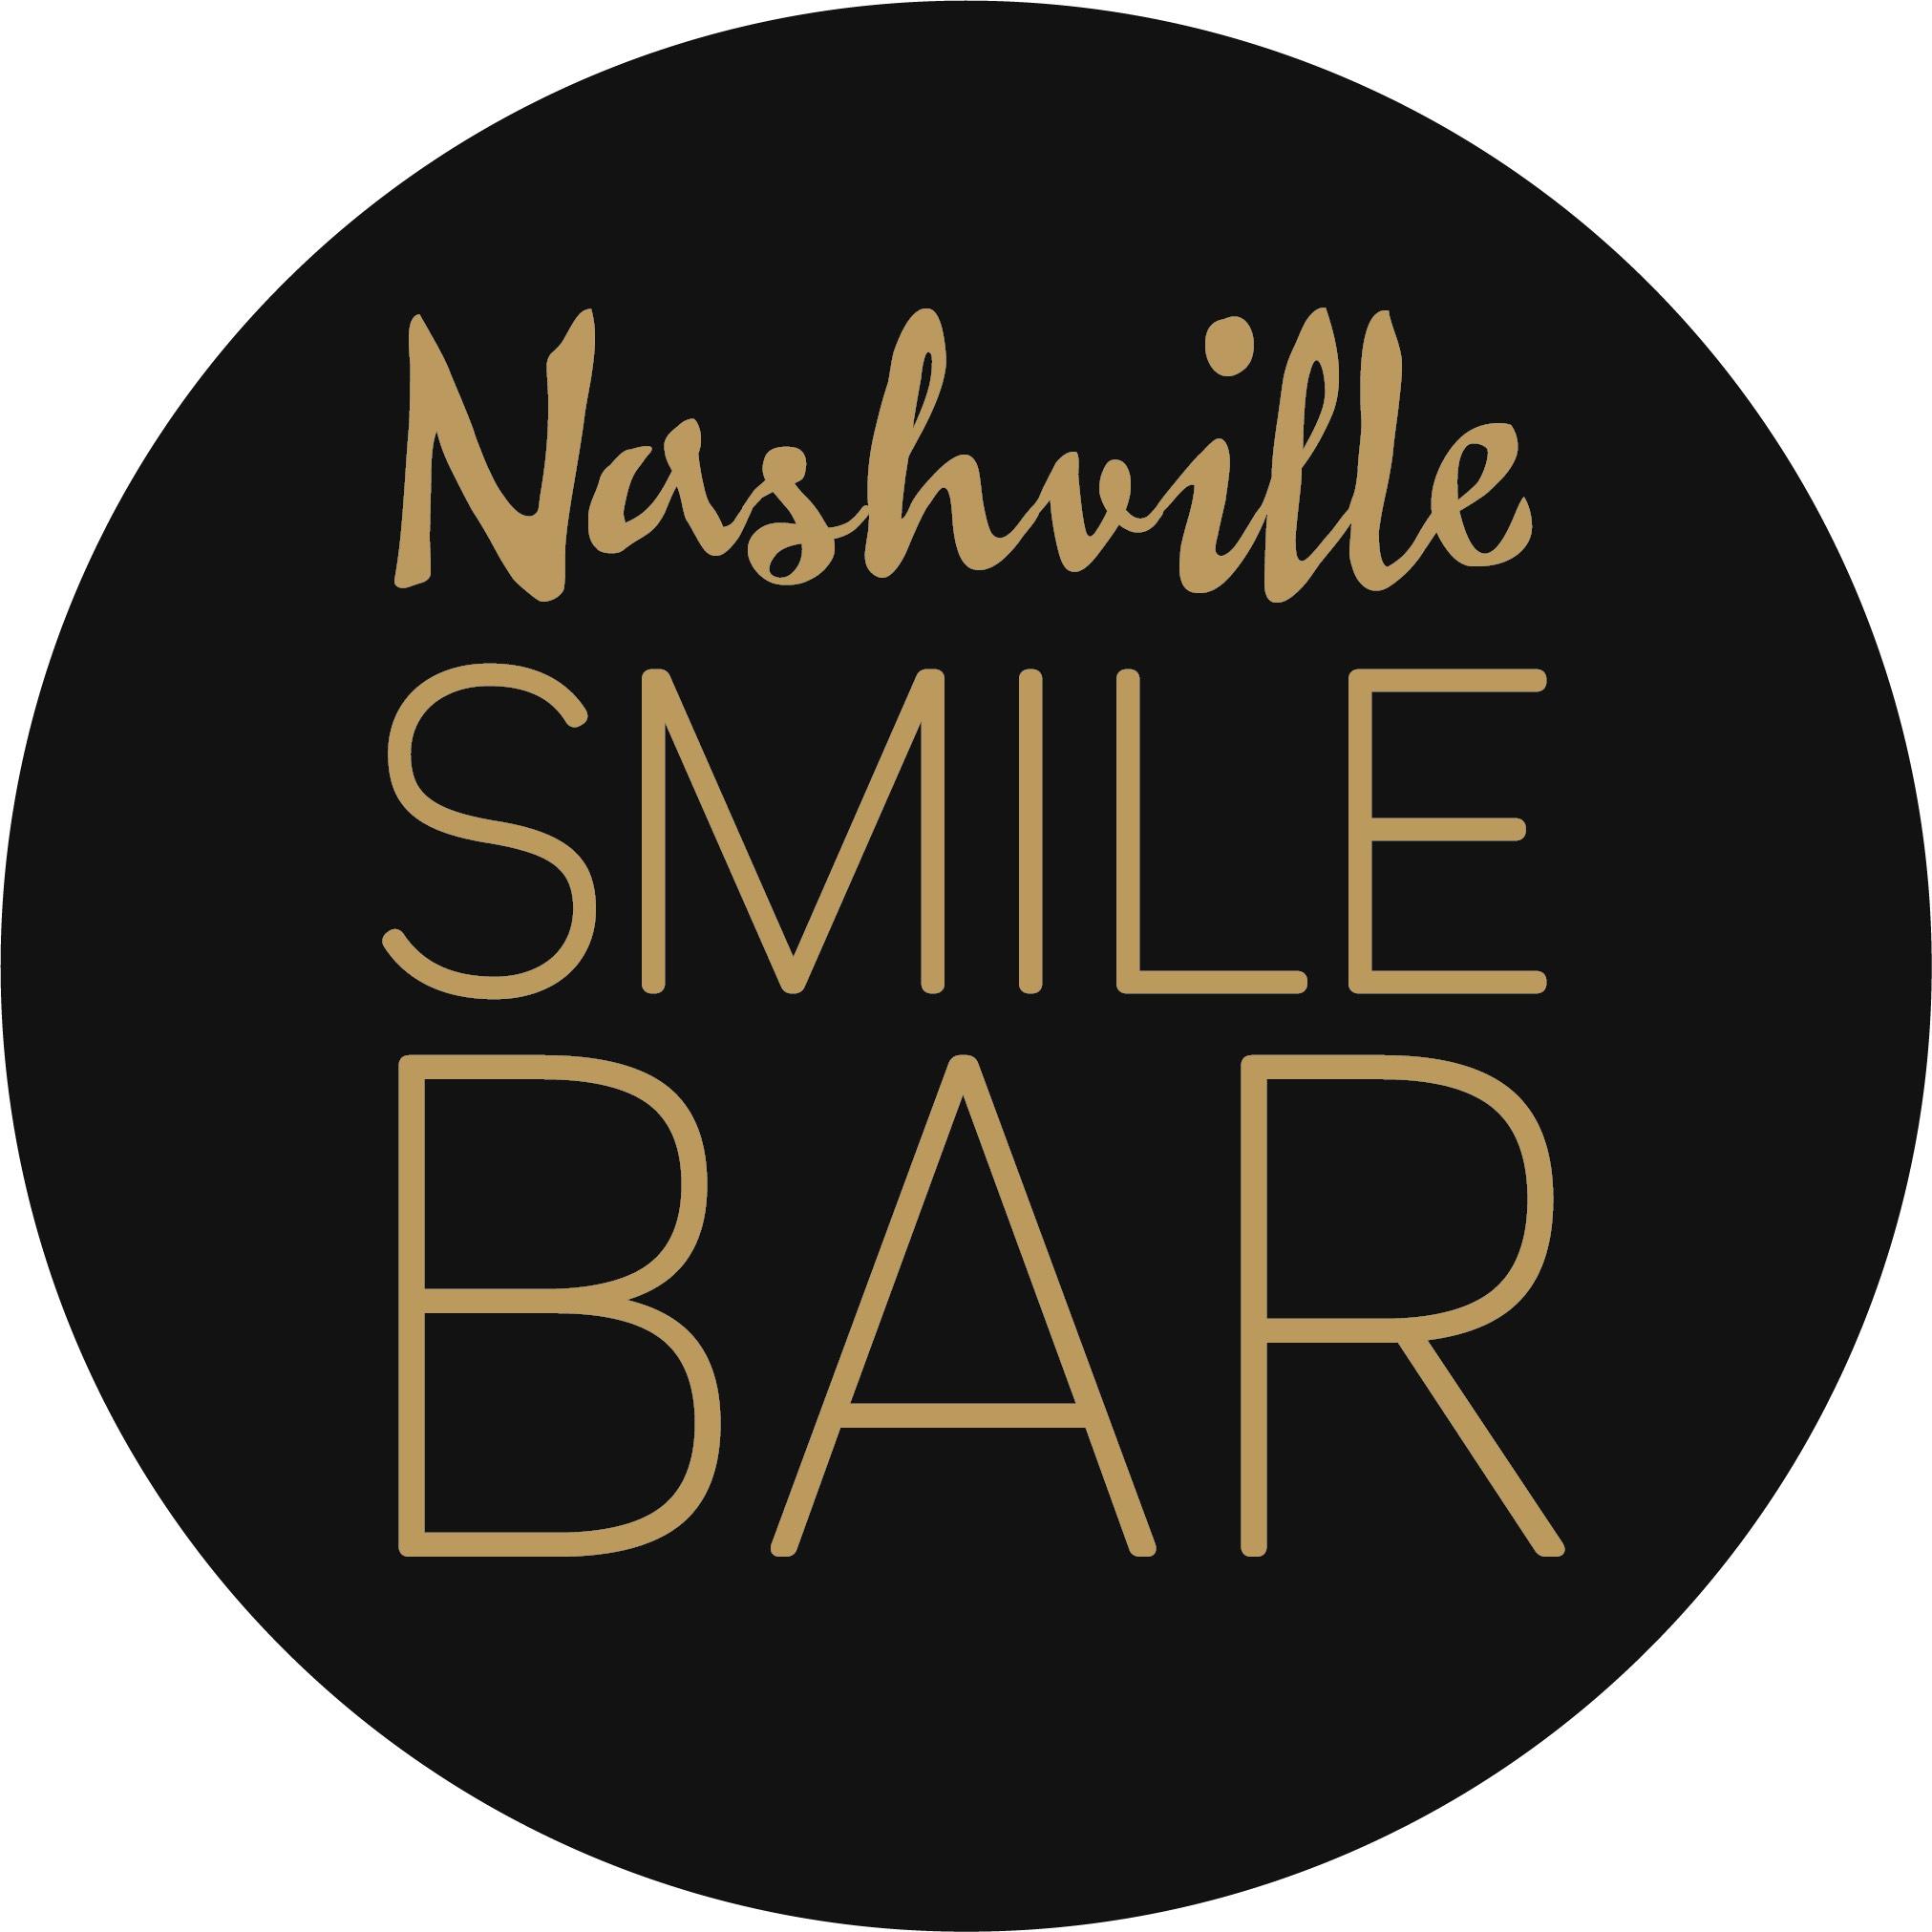 Nashville Smile Bar